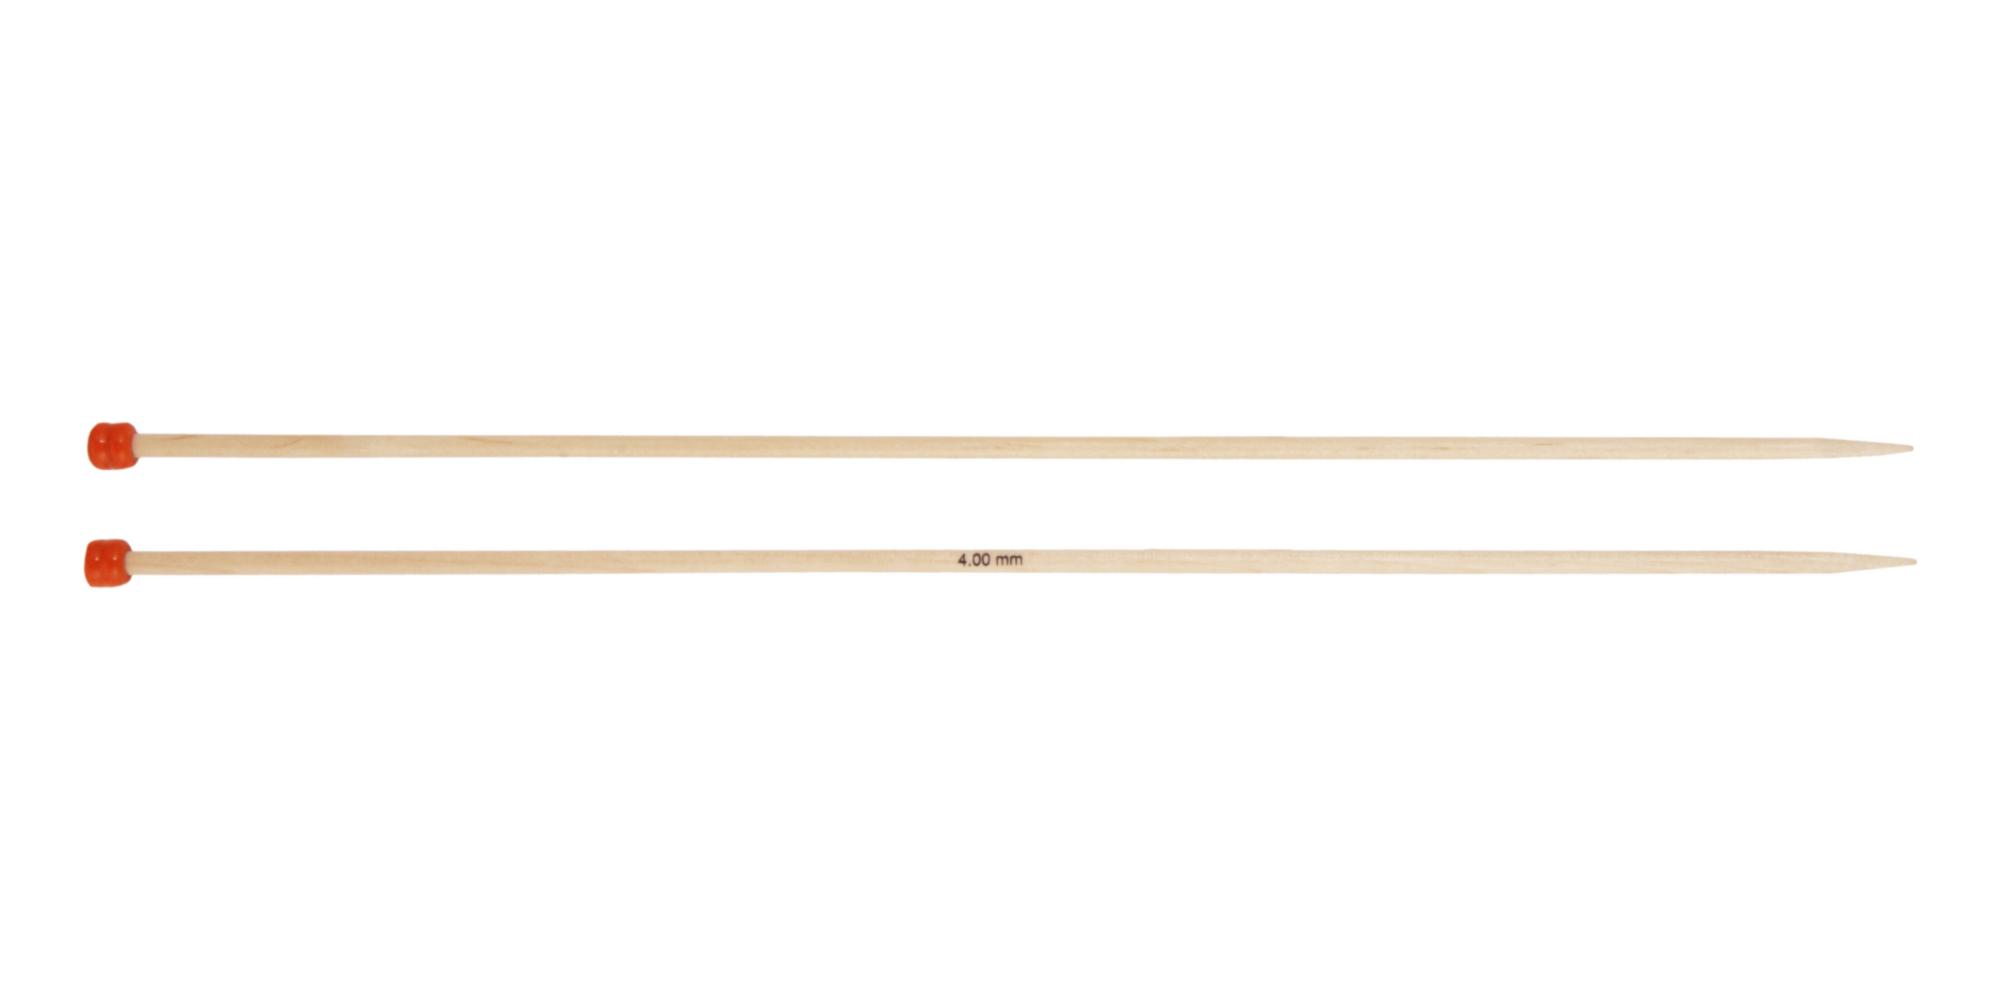 Спицы прямые 35 см Basix Birch Wood KnitPro, 35442, 3.50 мм